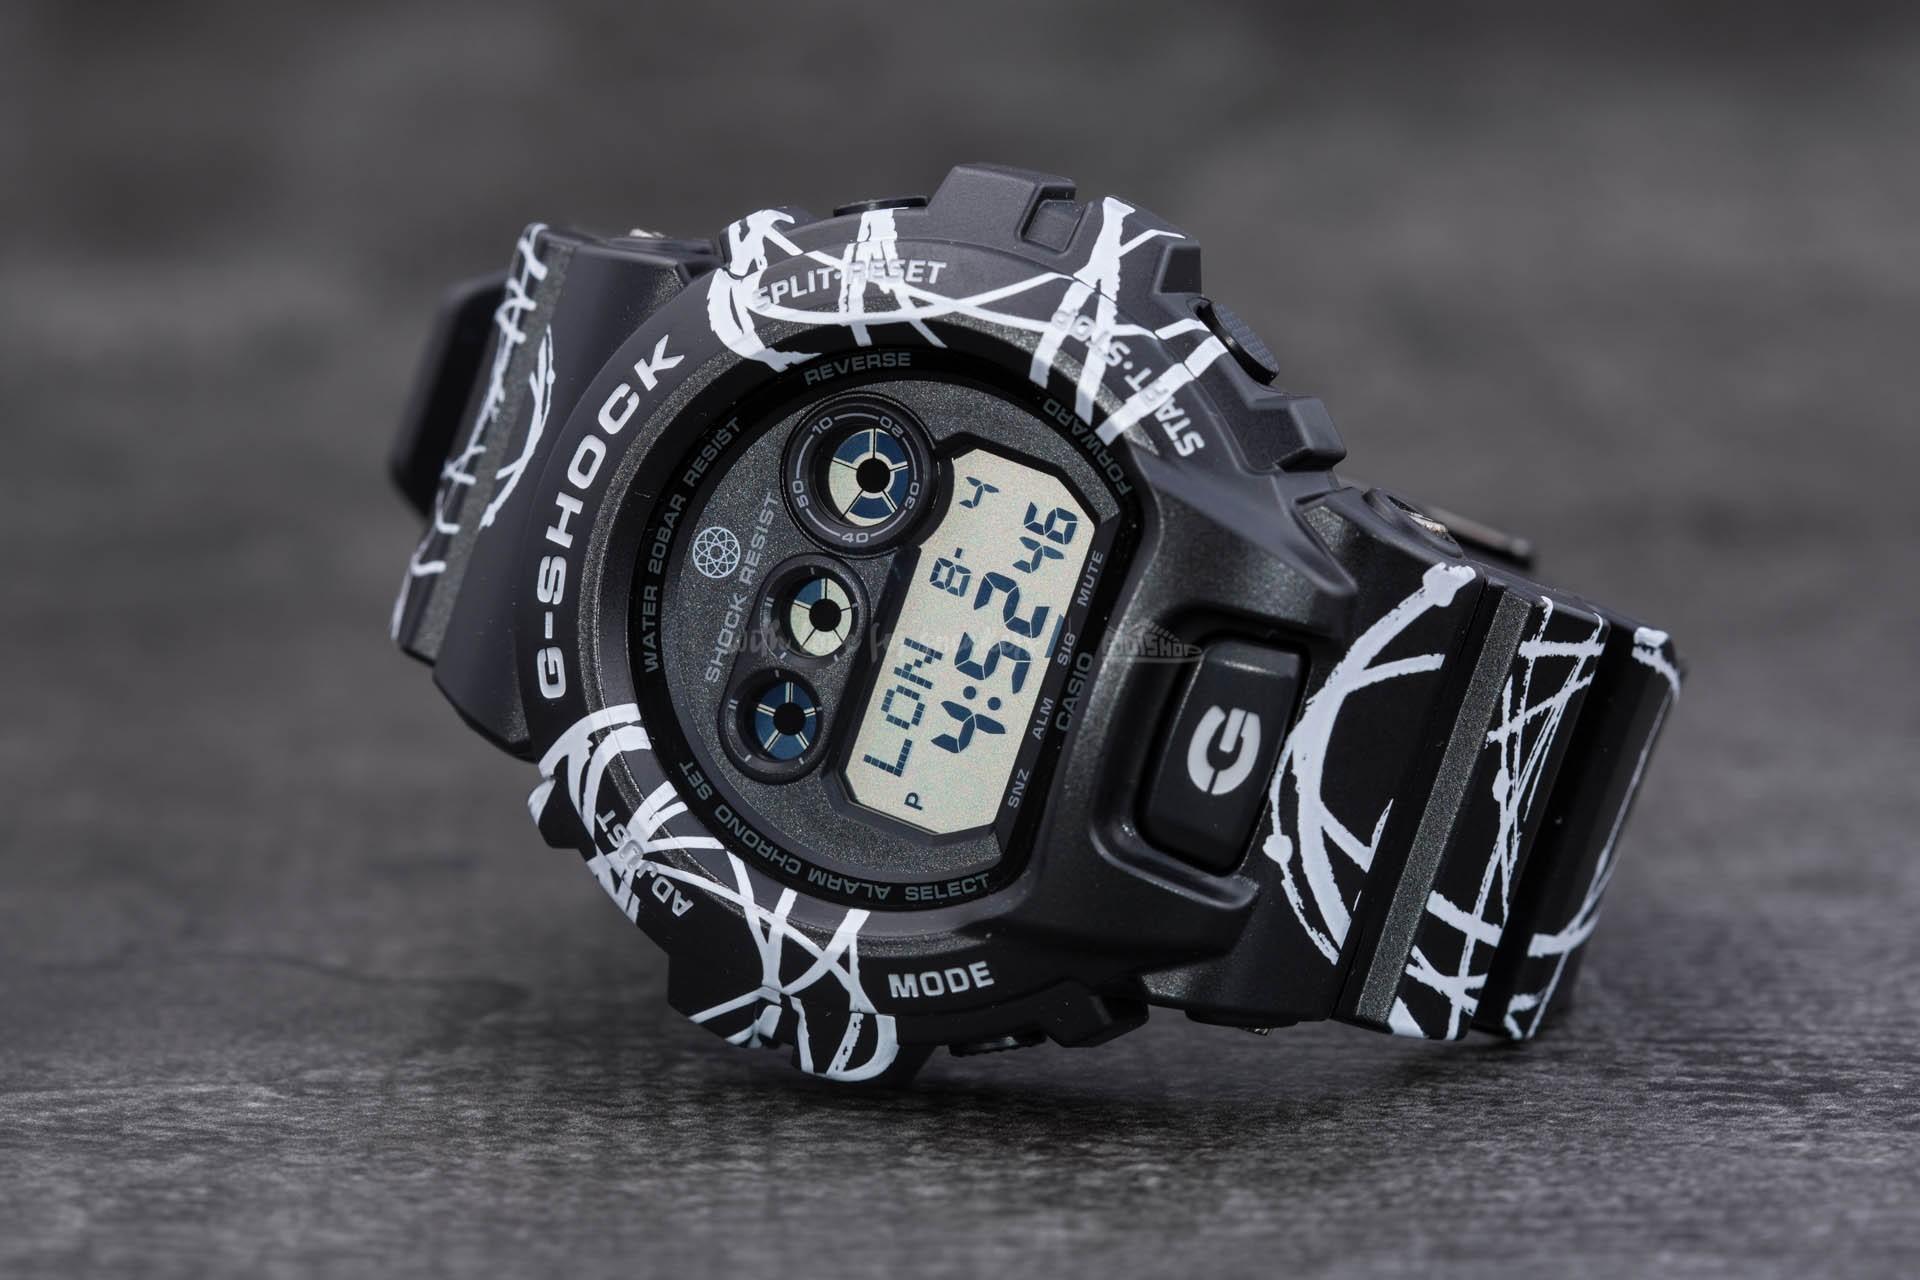 G-Shock GD-X6900FTR-1ER